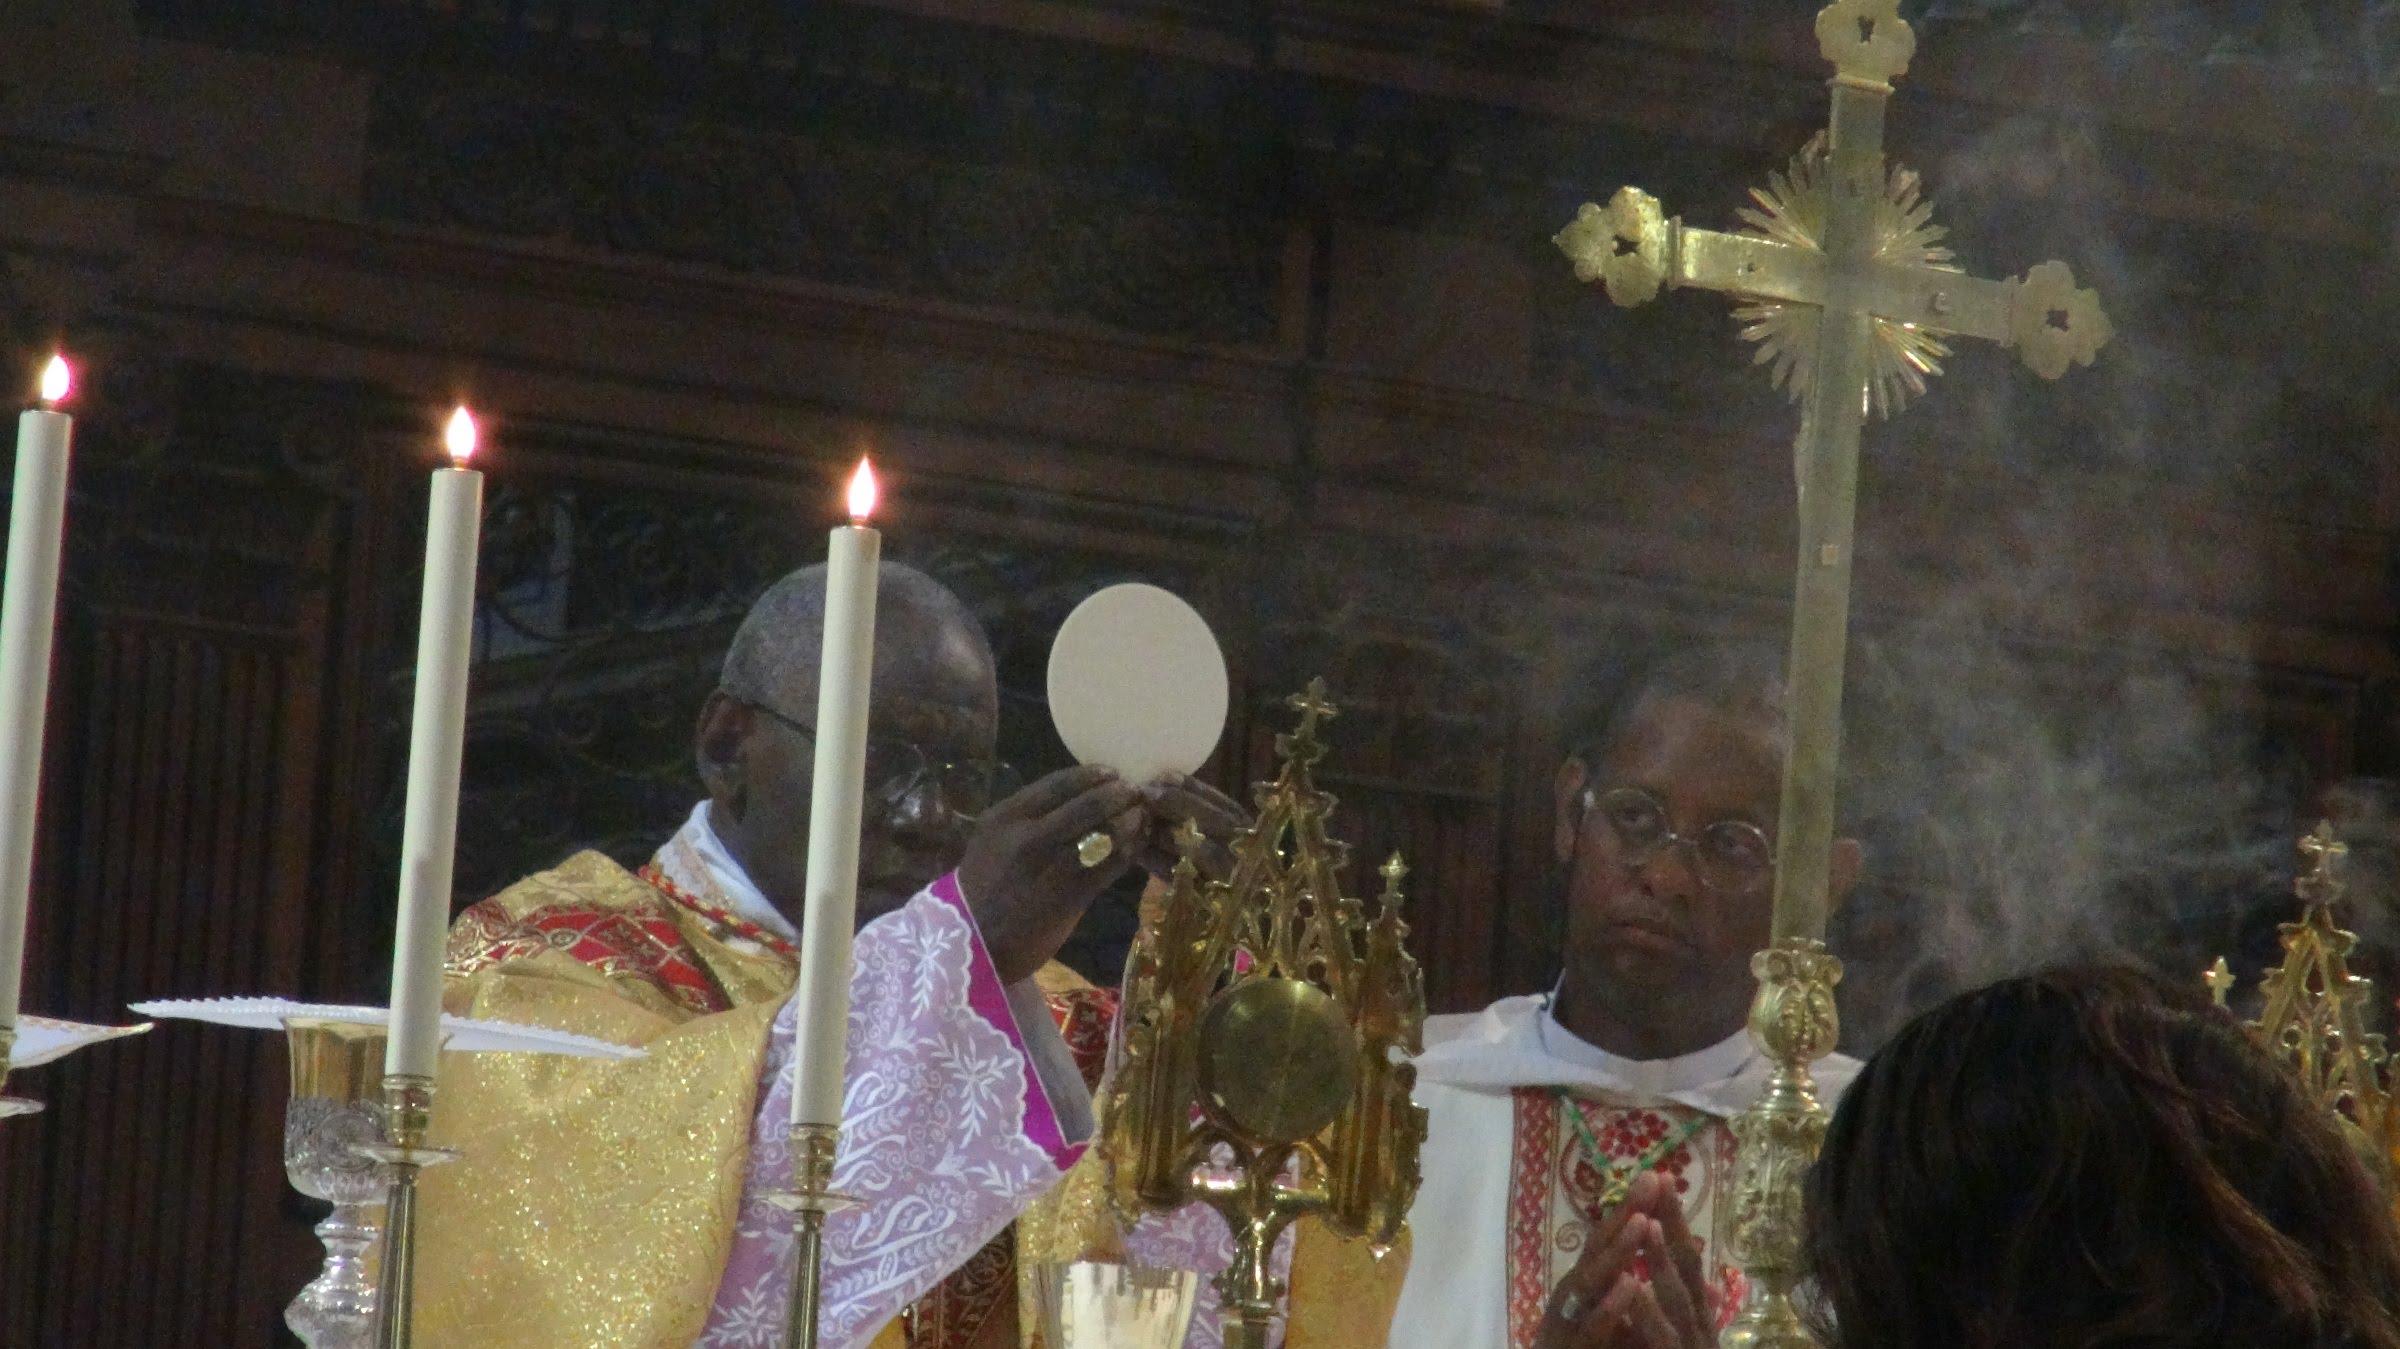 La Congrégation pour le Culte divin intégralement renouvelée sur fond de polémique liturgique